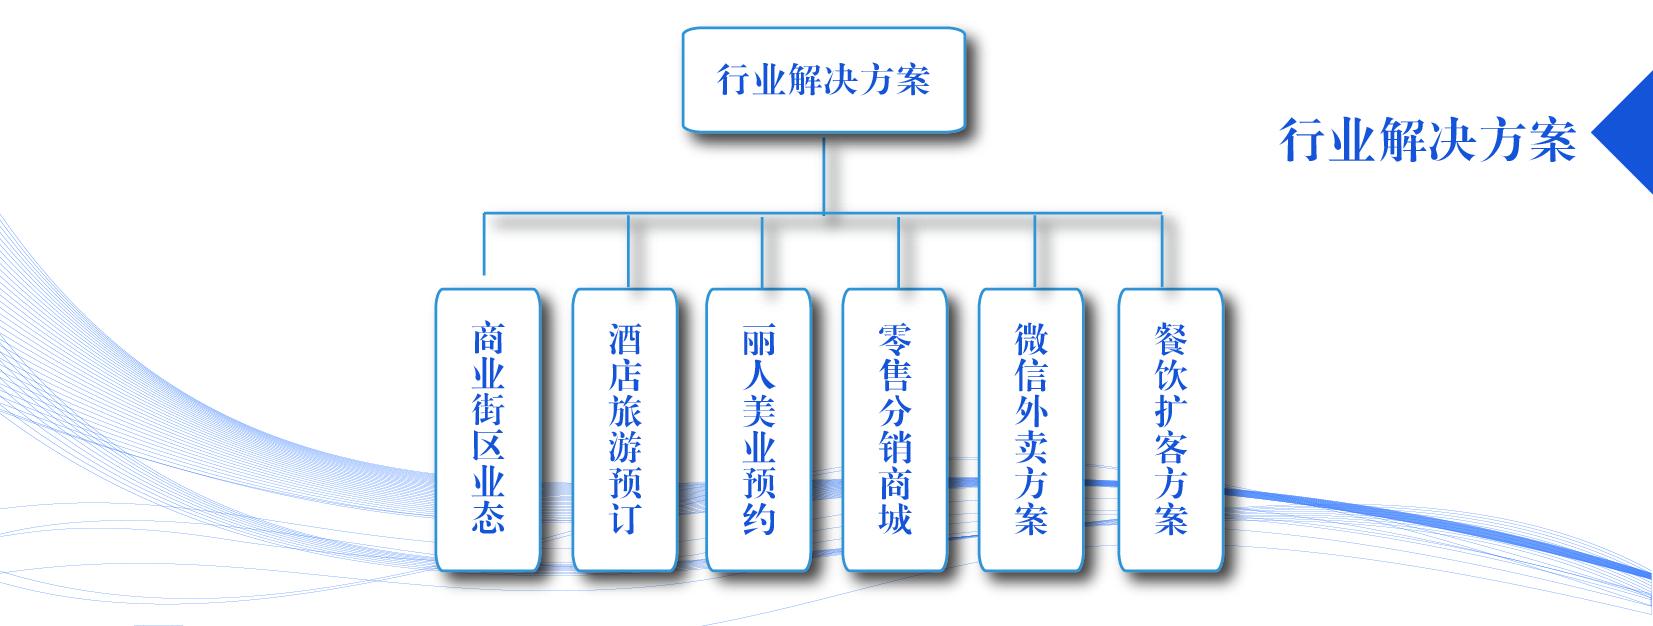 自定义区域-03.jpg